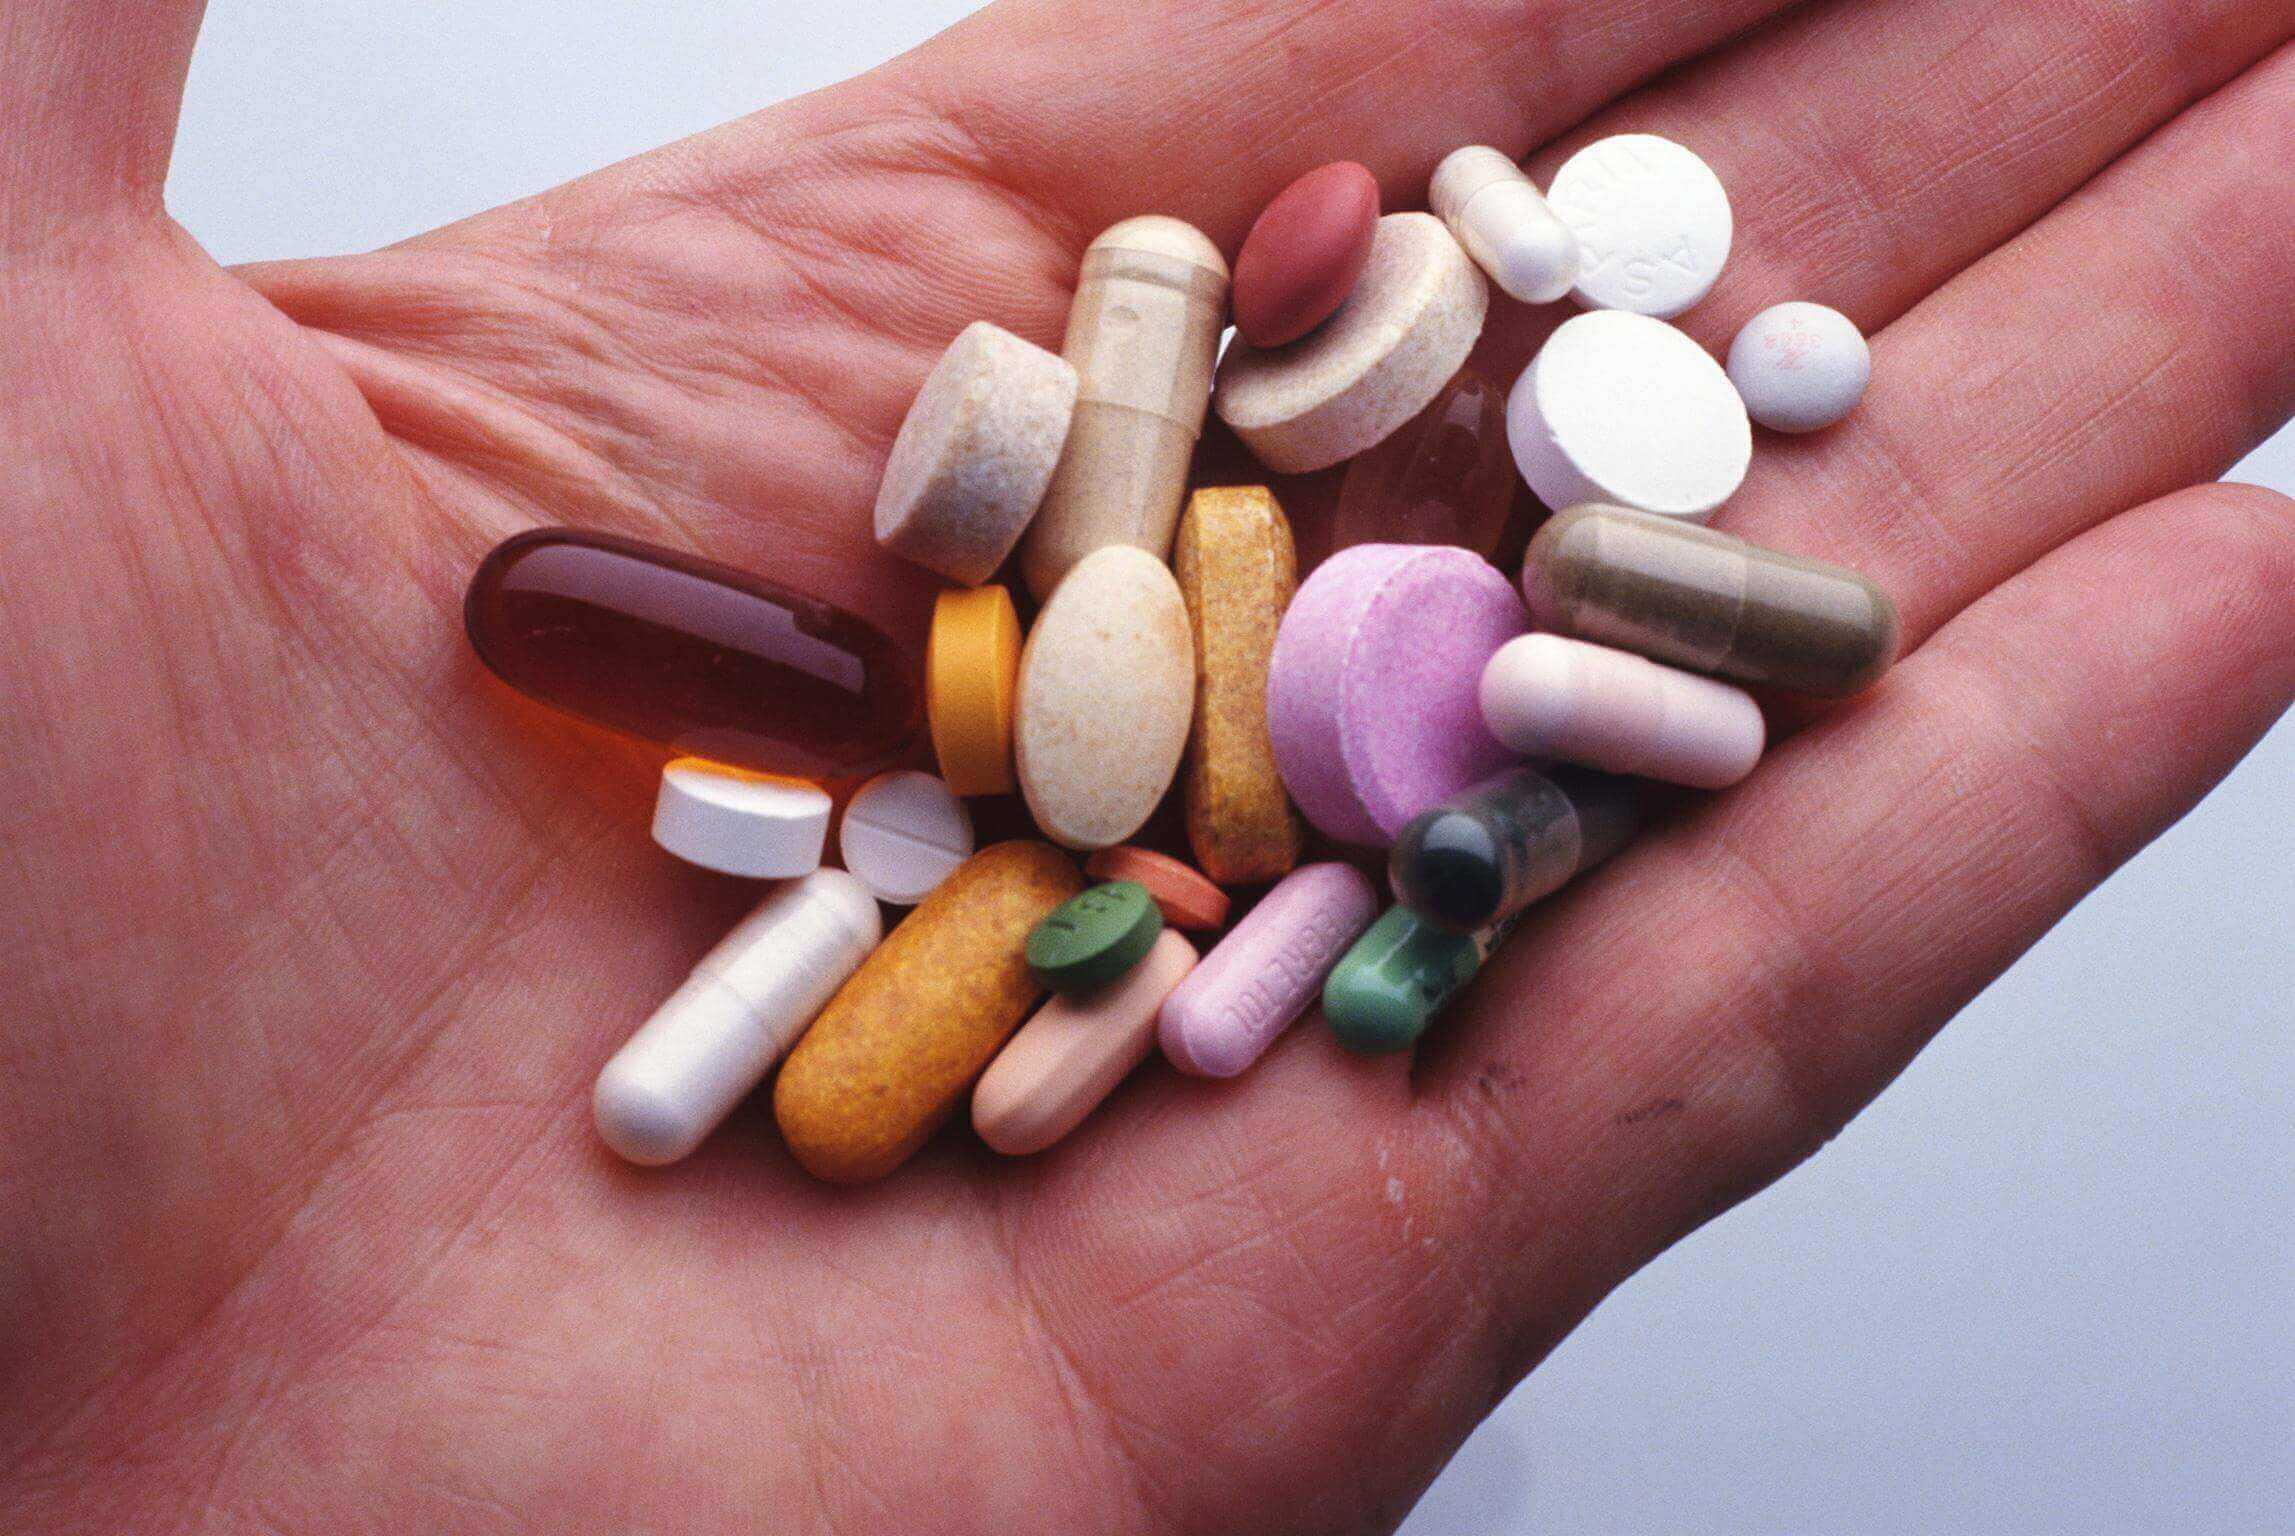 Препараты для лечения кандидозного баланопостита у мужчин